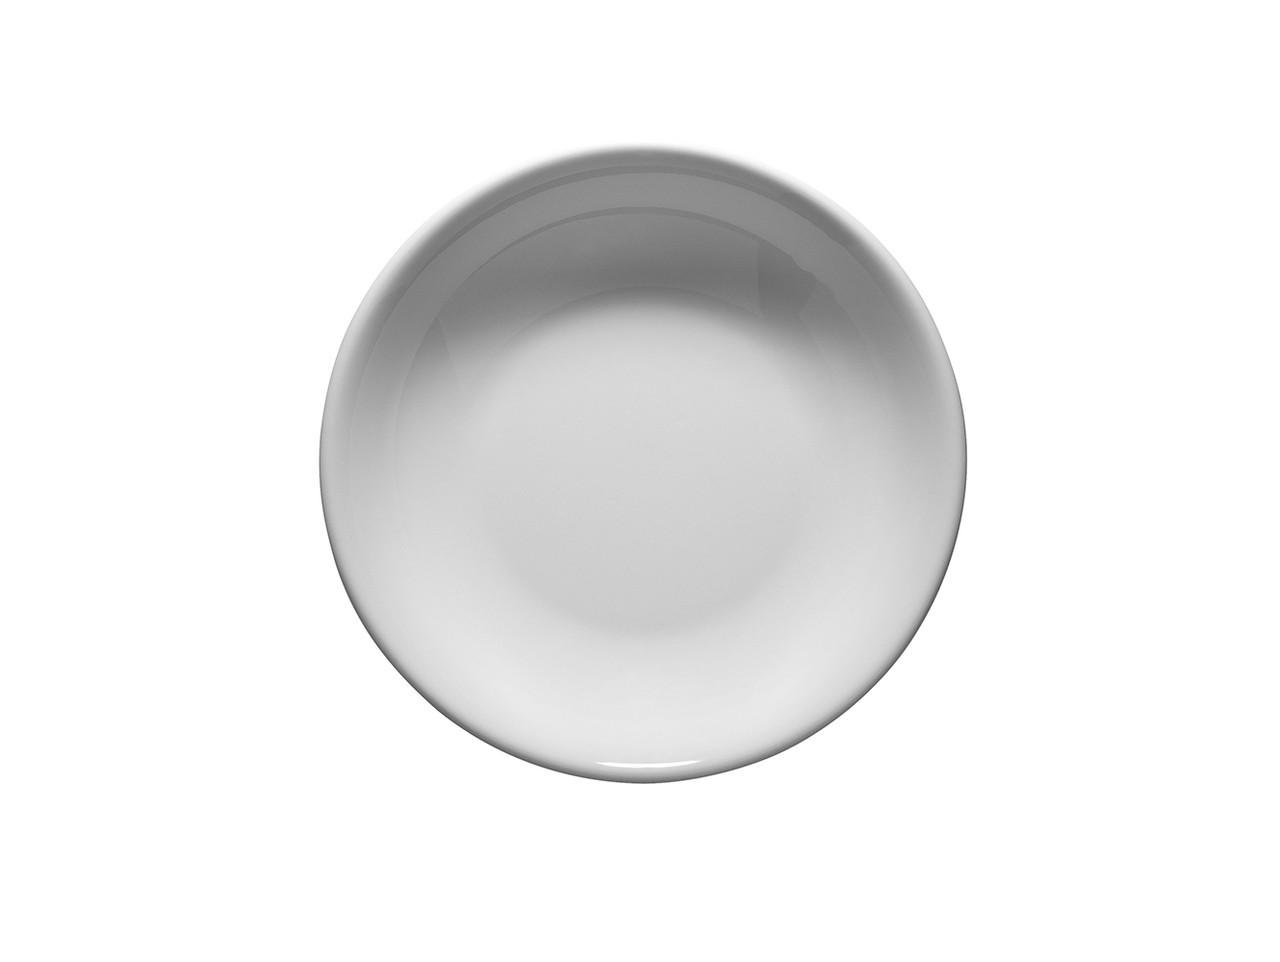 Тарелка глубокая 20 см Ent Otel